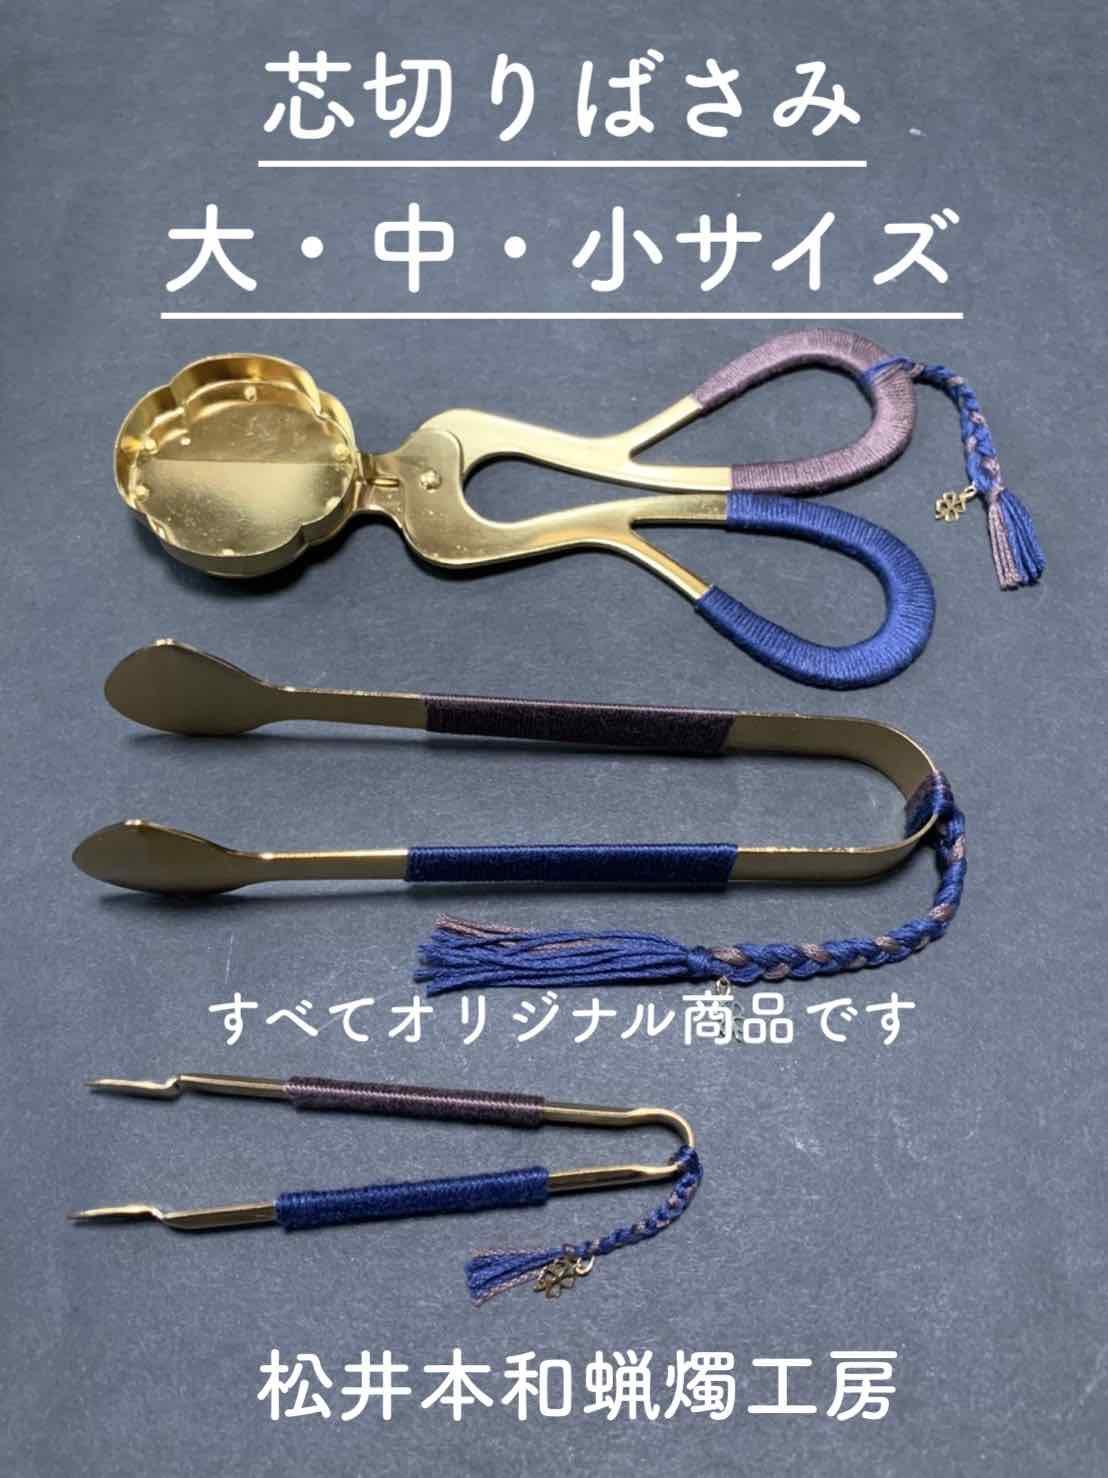 商品紹介 オリジナル芯切りばさみ 愛知・岡崎 伝統工芸品の松井本和蝋燭工房